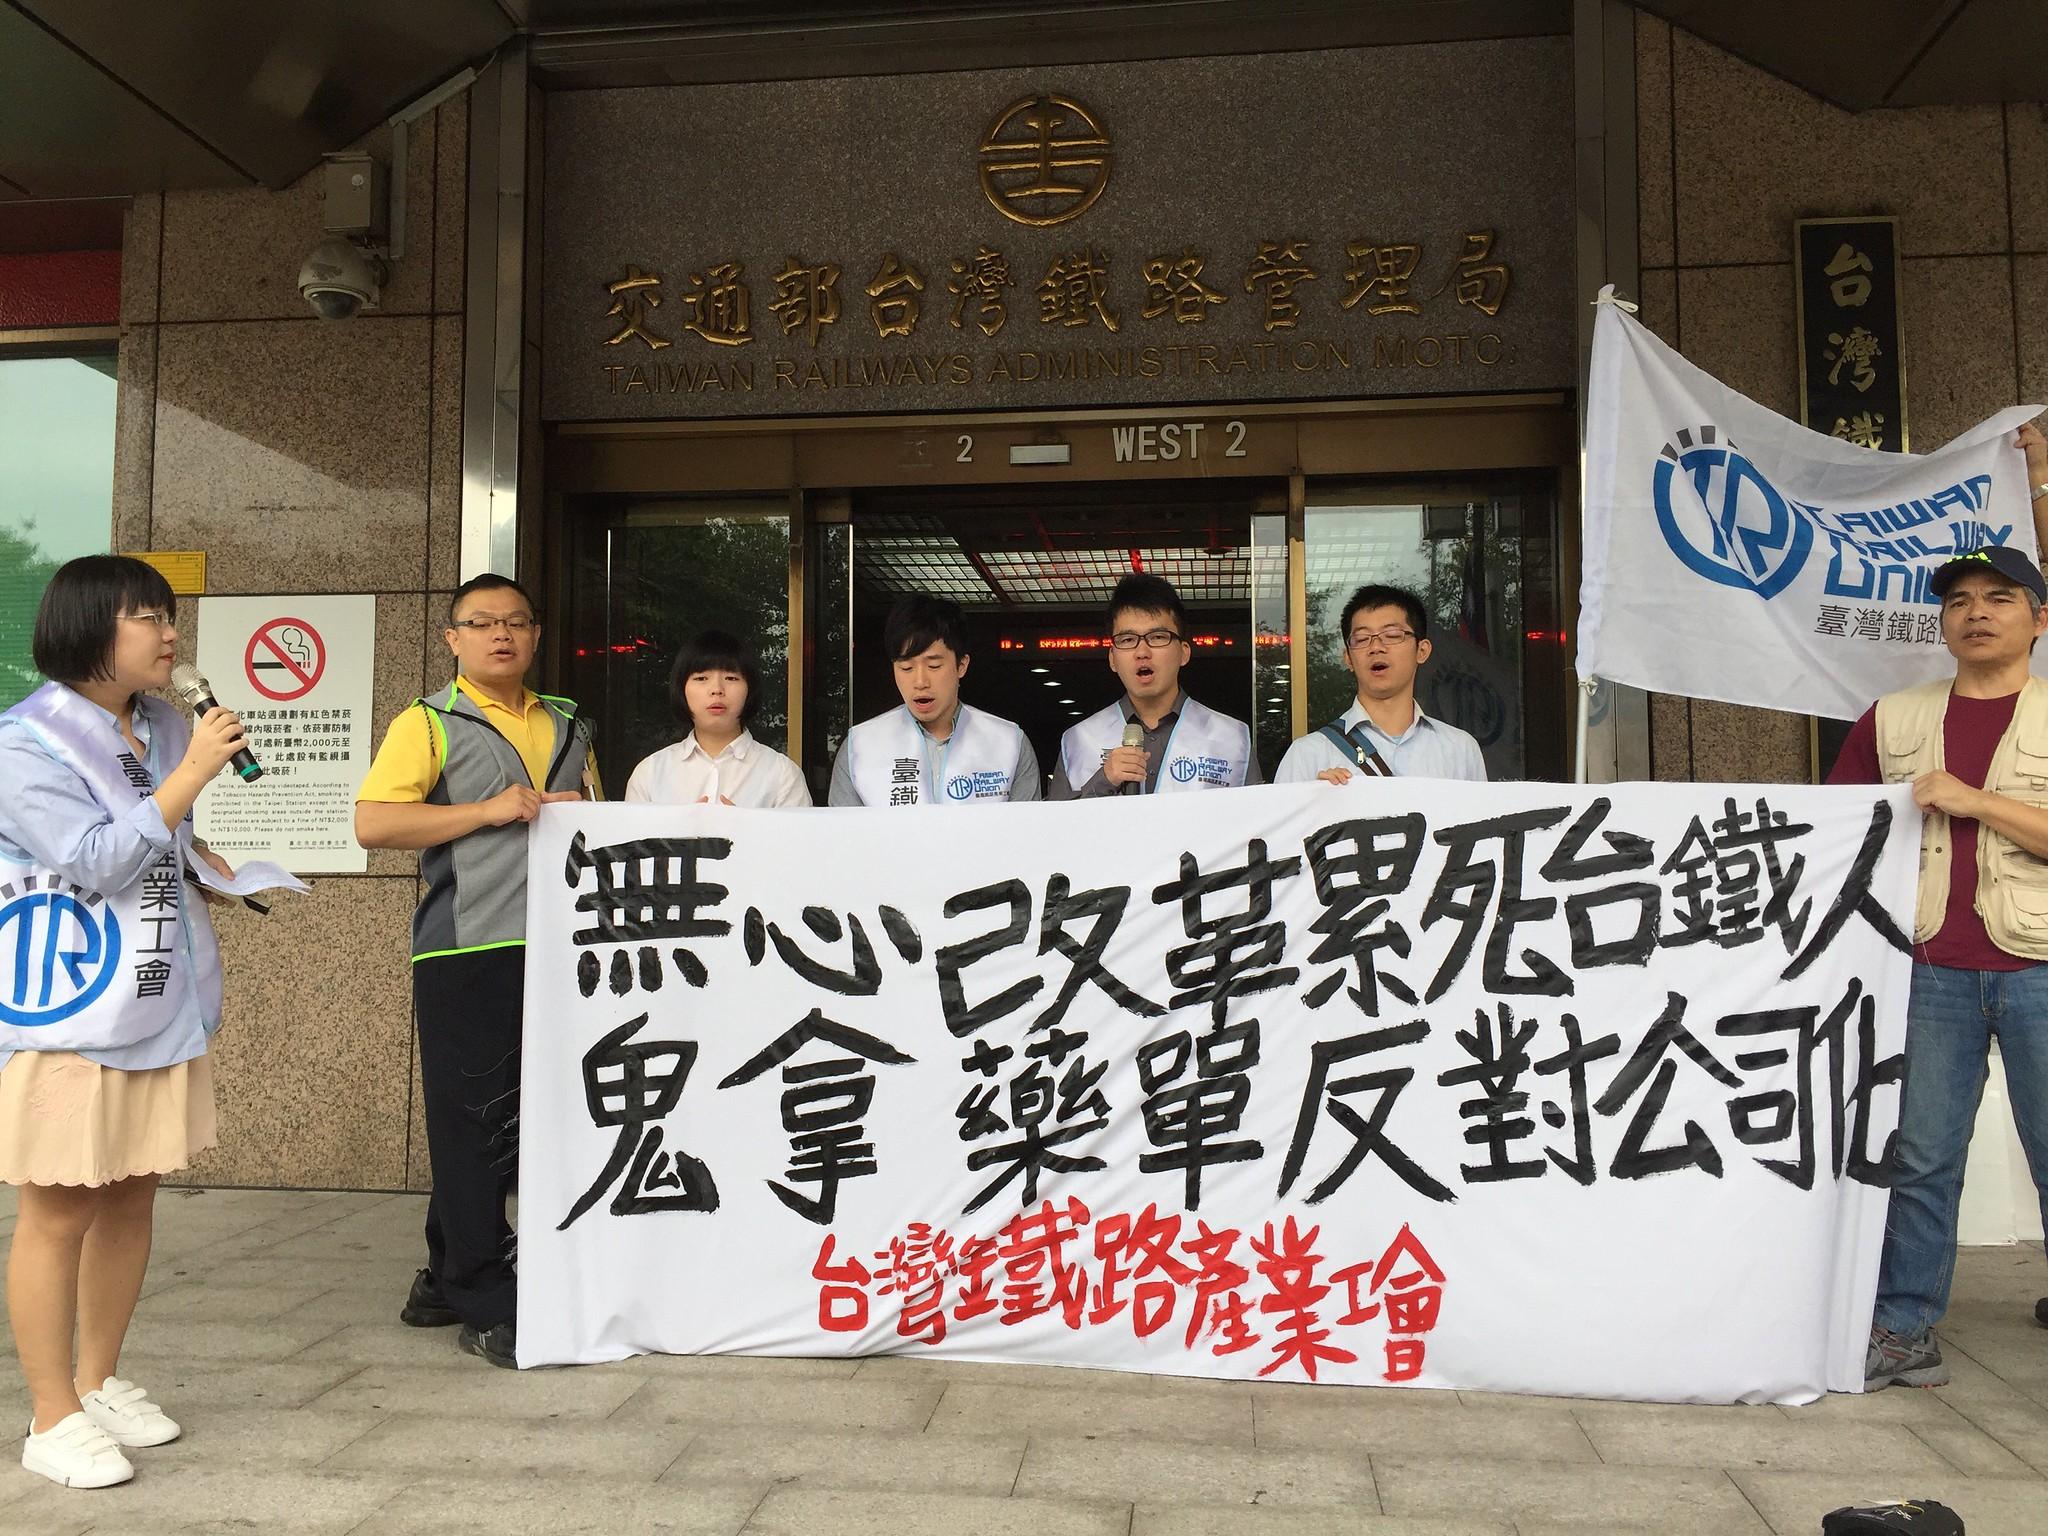 台鐵產業工會上午宣布與鐵路局的工時協商破局。(攝影:王顥中)